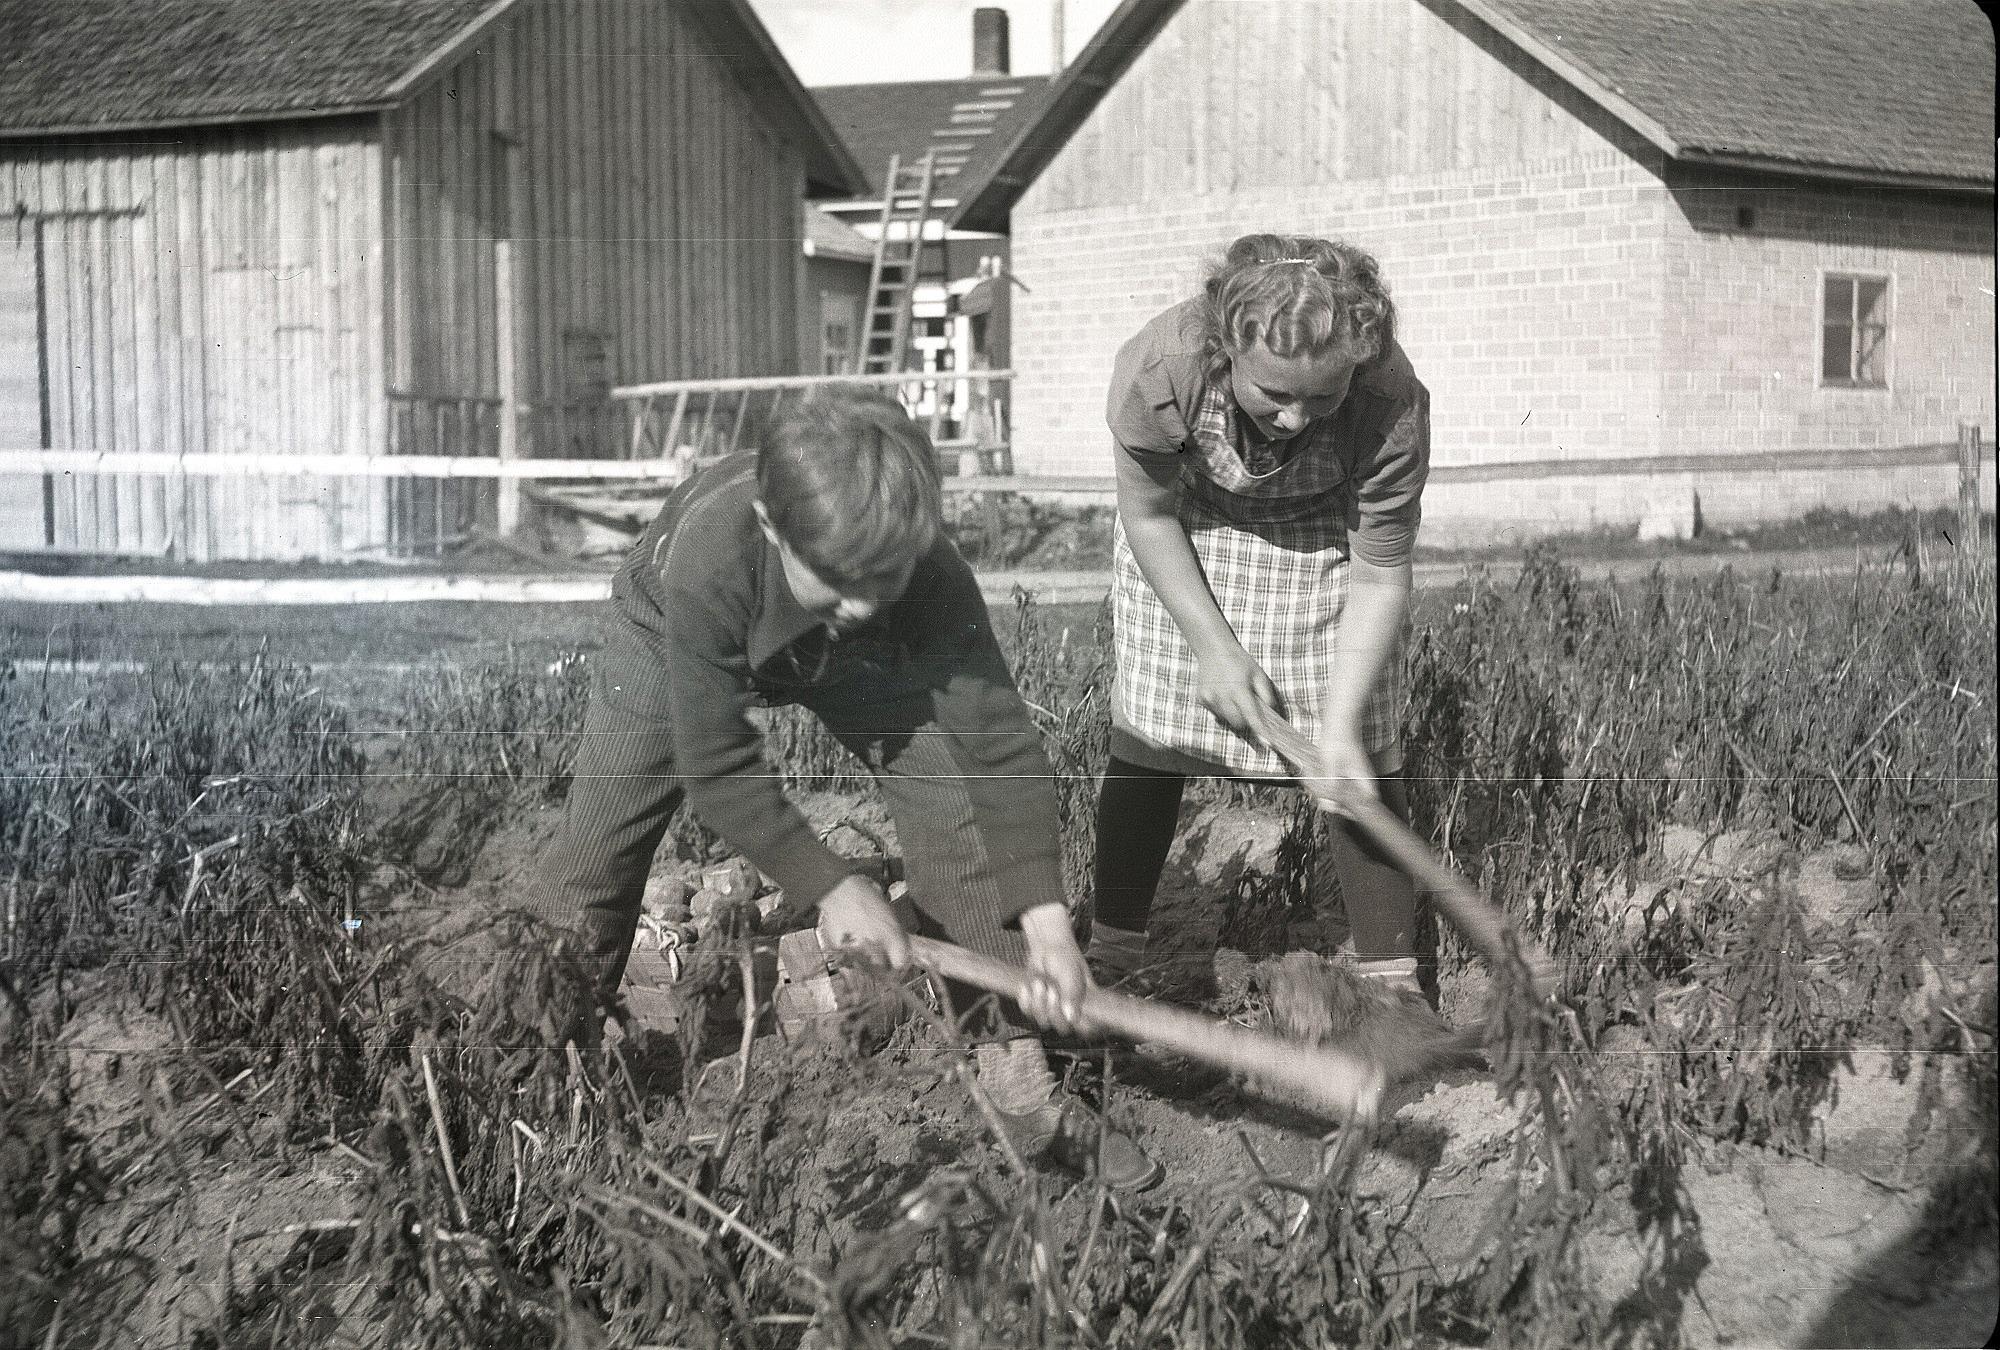 """På Selim Björses foto så ser vi Dagny Nyberg och Åke Berglind med """"pärongräftor"""". Åke Berglind (f. 1928) son till Almas bror Viktor Berglind och hans första hustru Helmi. Då Helmi dog år 1929 och Viktor blev ensam med tre små pojkar så tog Emil och Alma hand om Åke som var den yngsta och de skötte honom till vuxen ålder."""